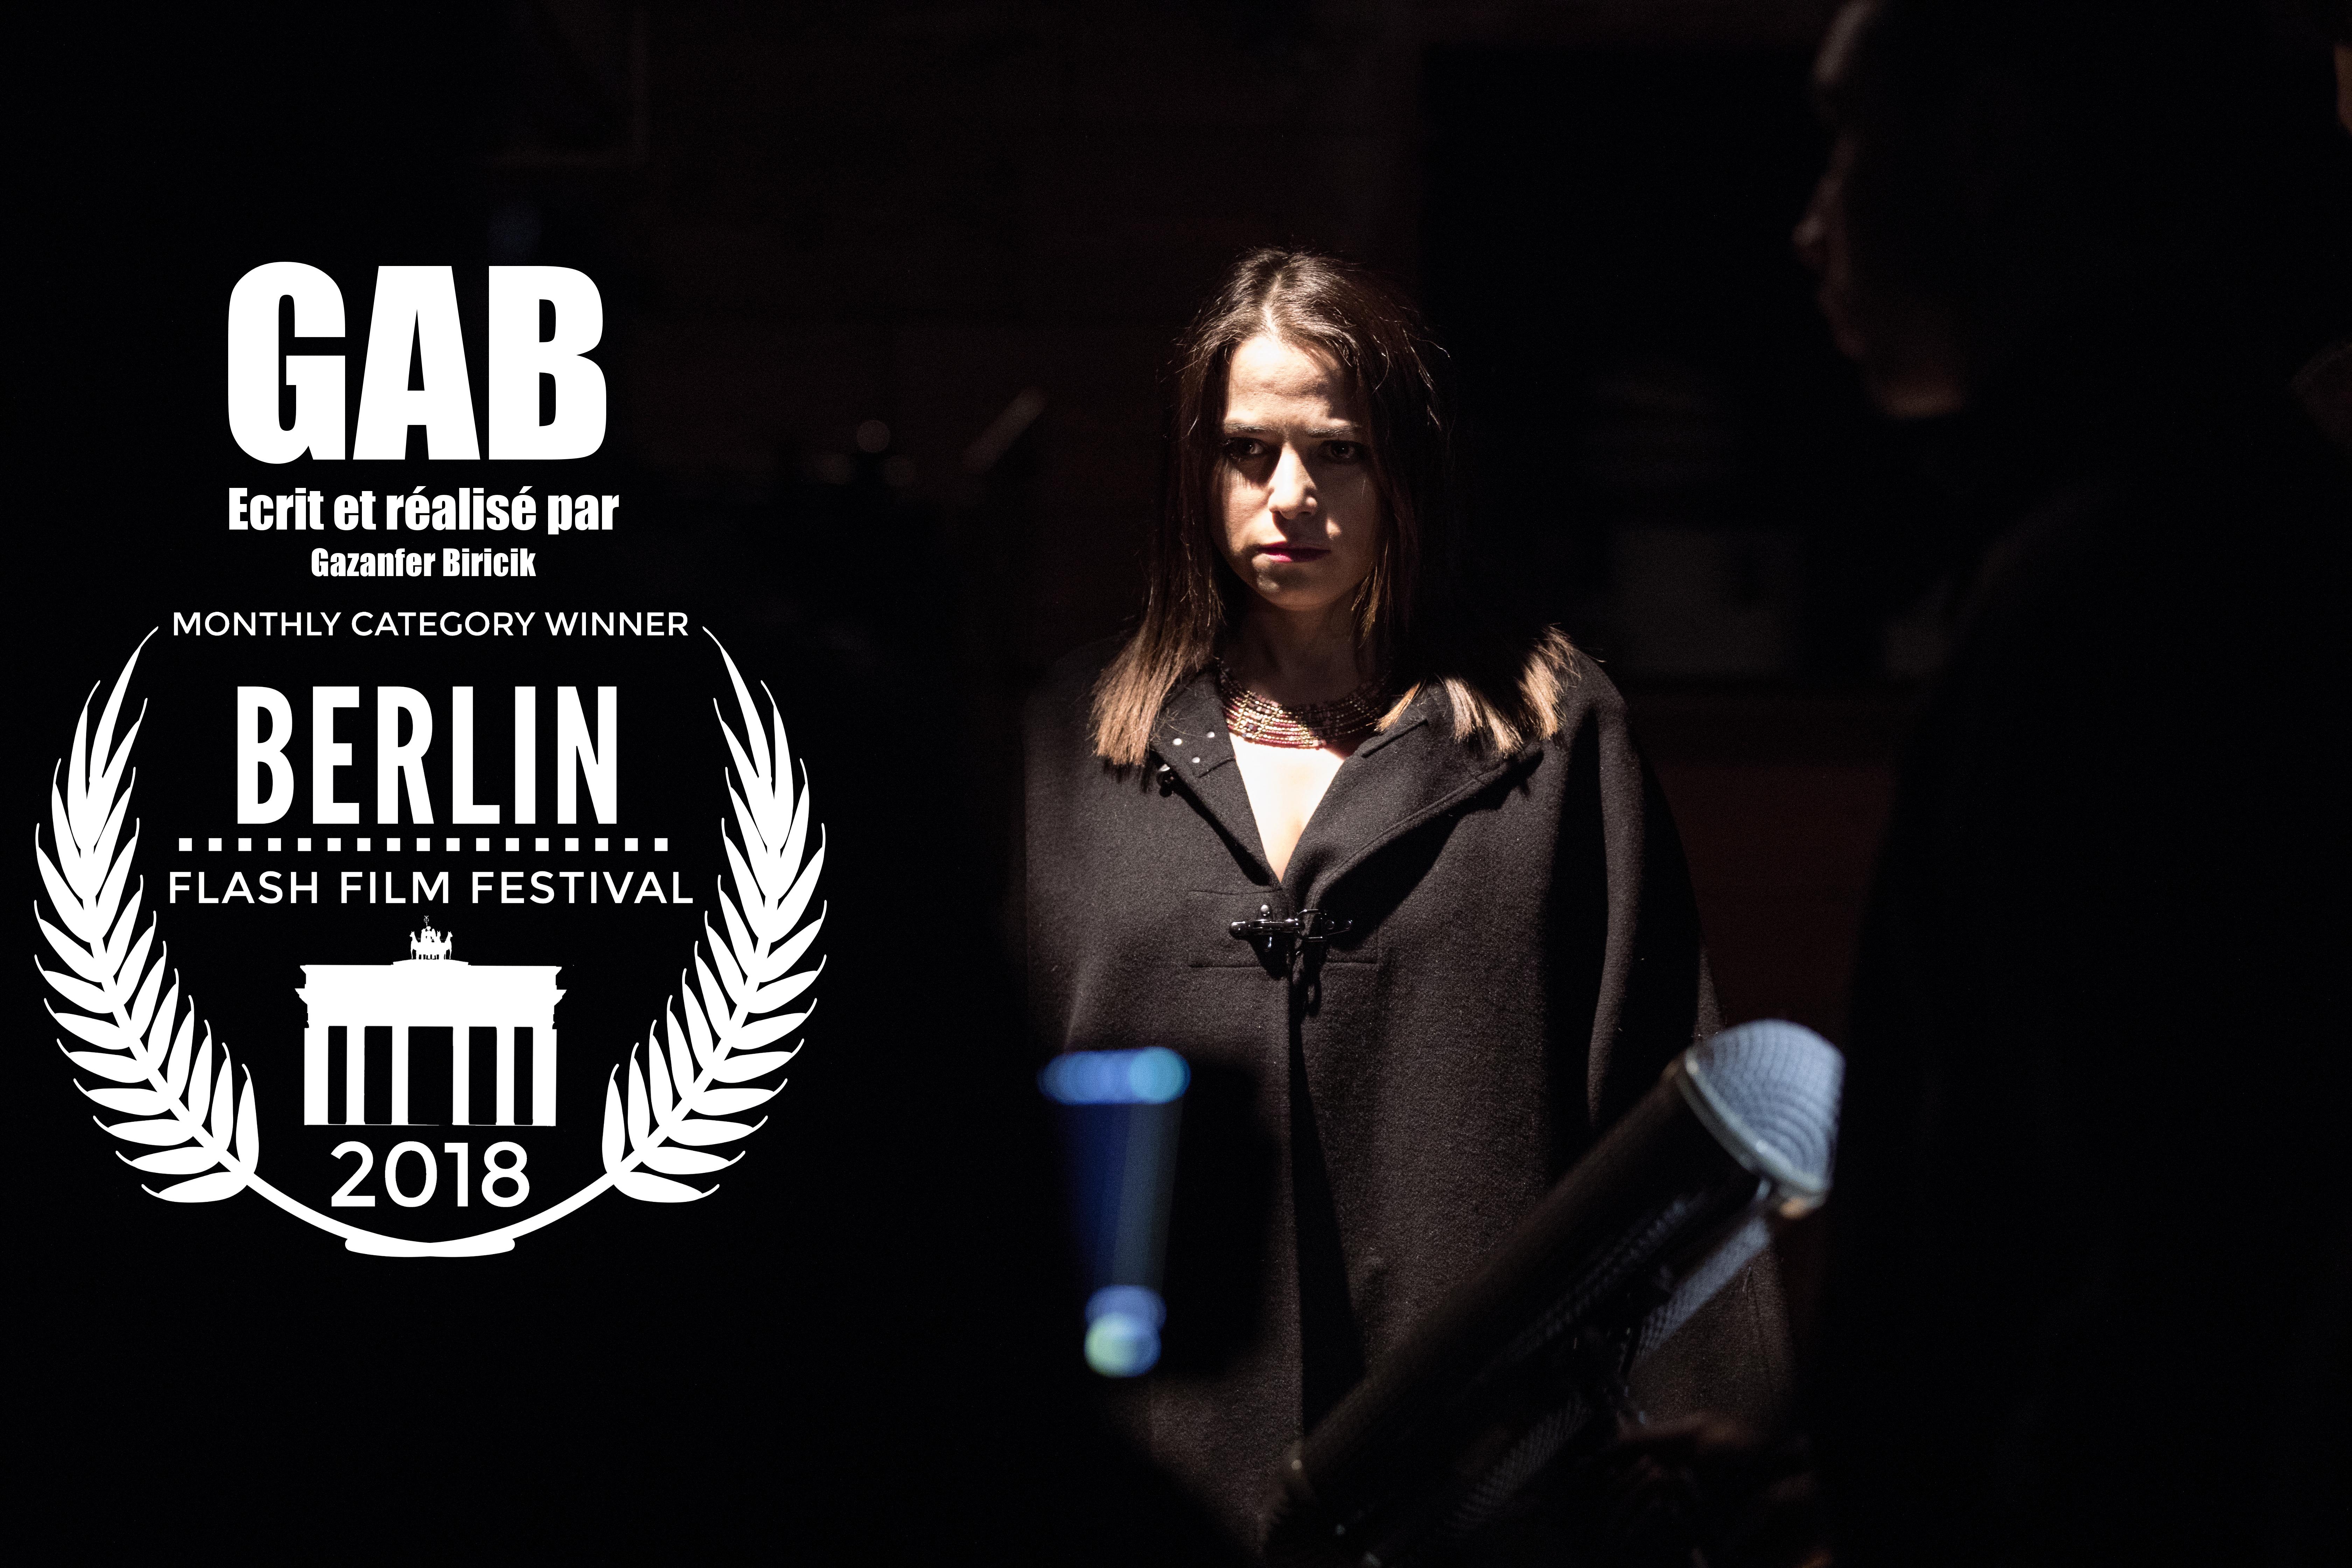 Prix de Berlin